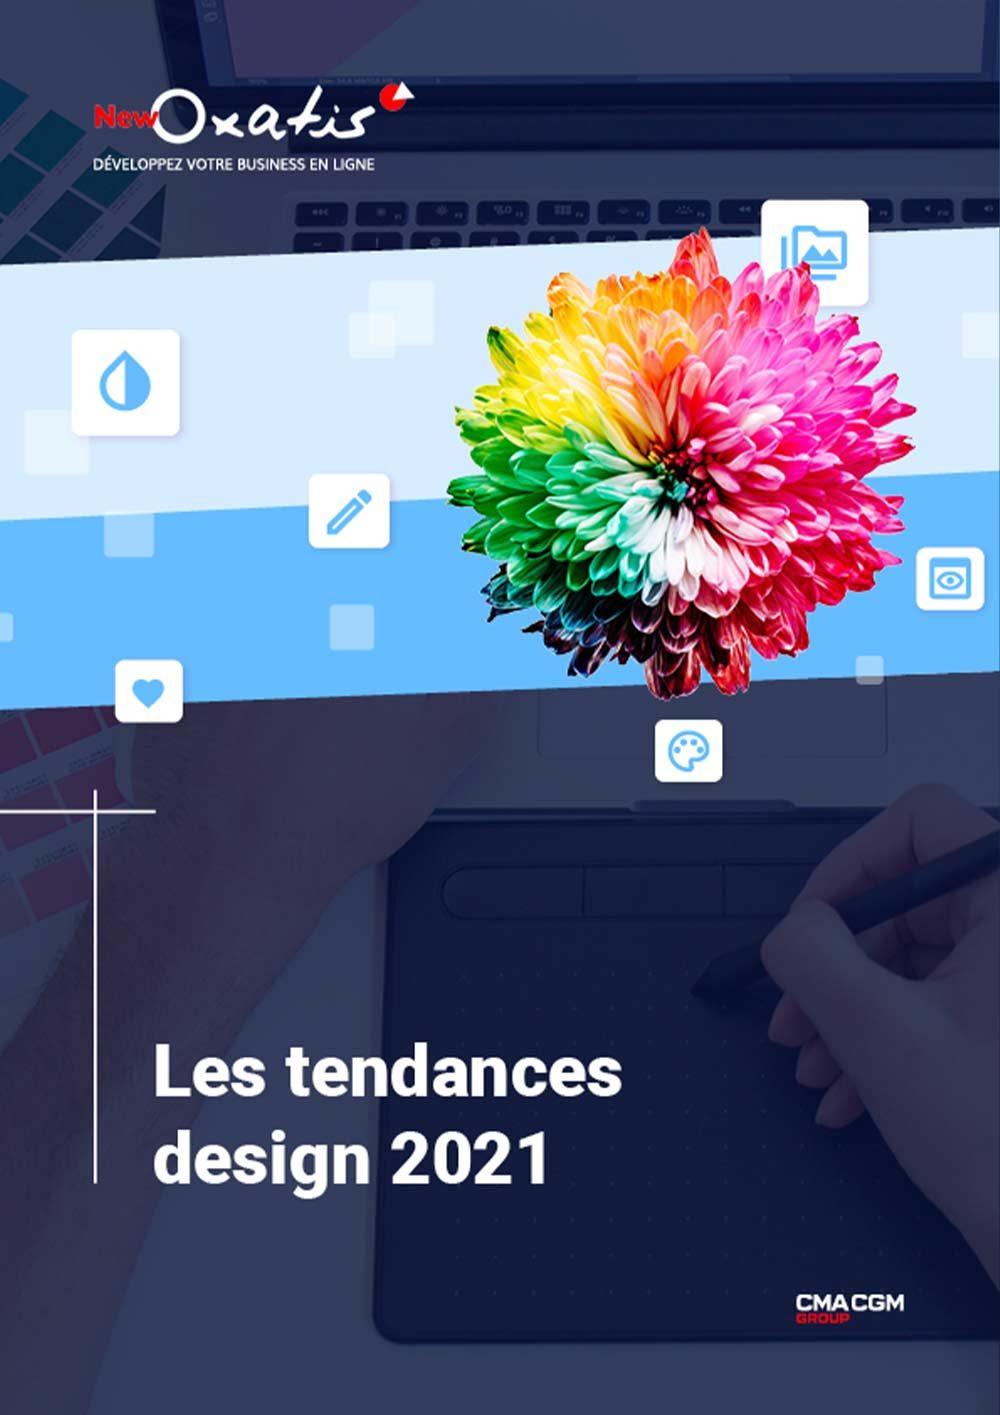 Les tendances design 2021